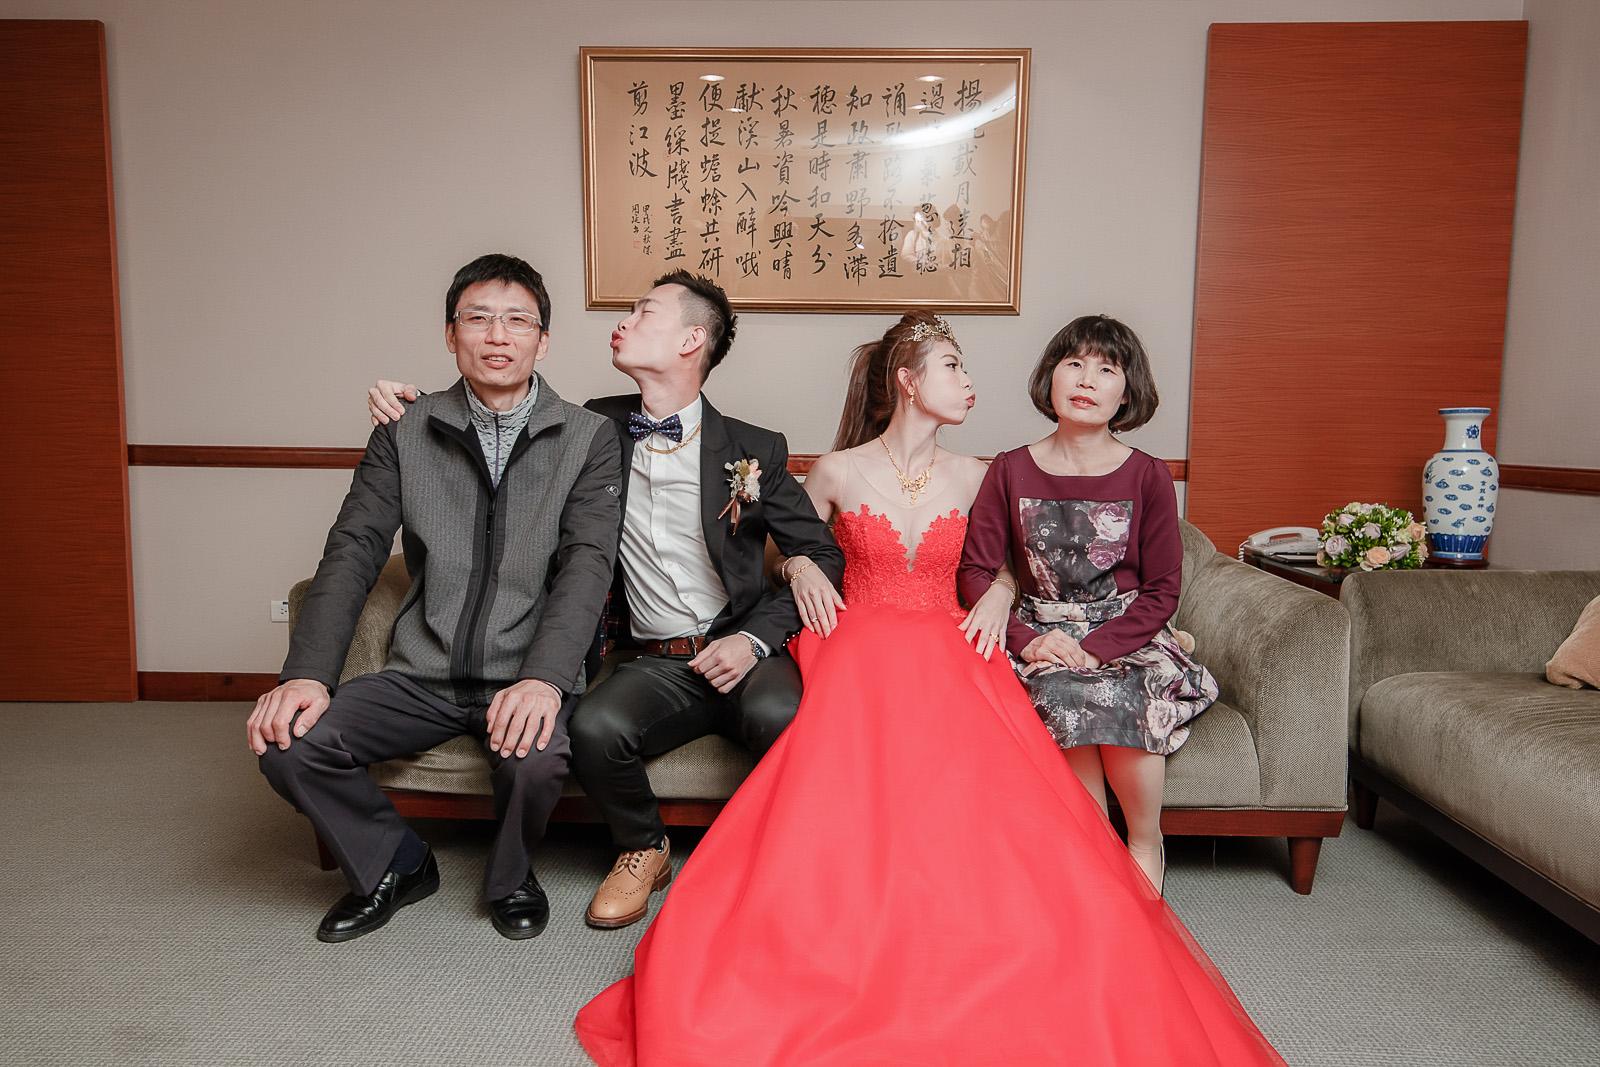 高雄圓山飯店,婚禮攝影,婚攝,高雄婚攝,優質婚攝推薦,Jen&Ethan-051